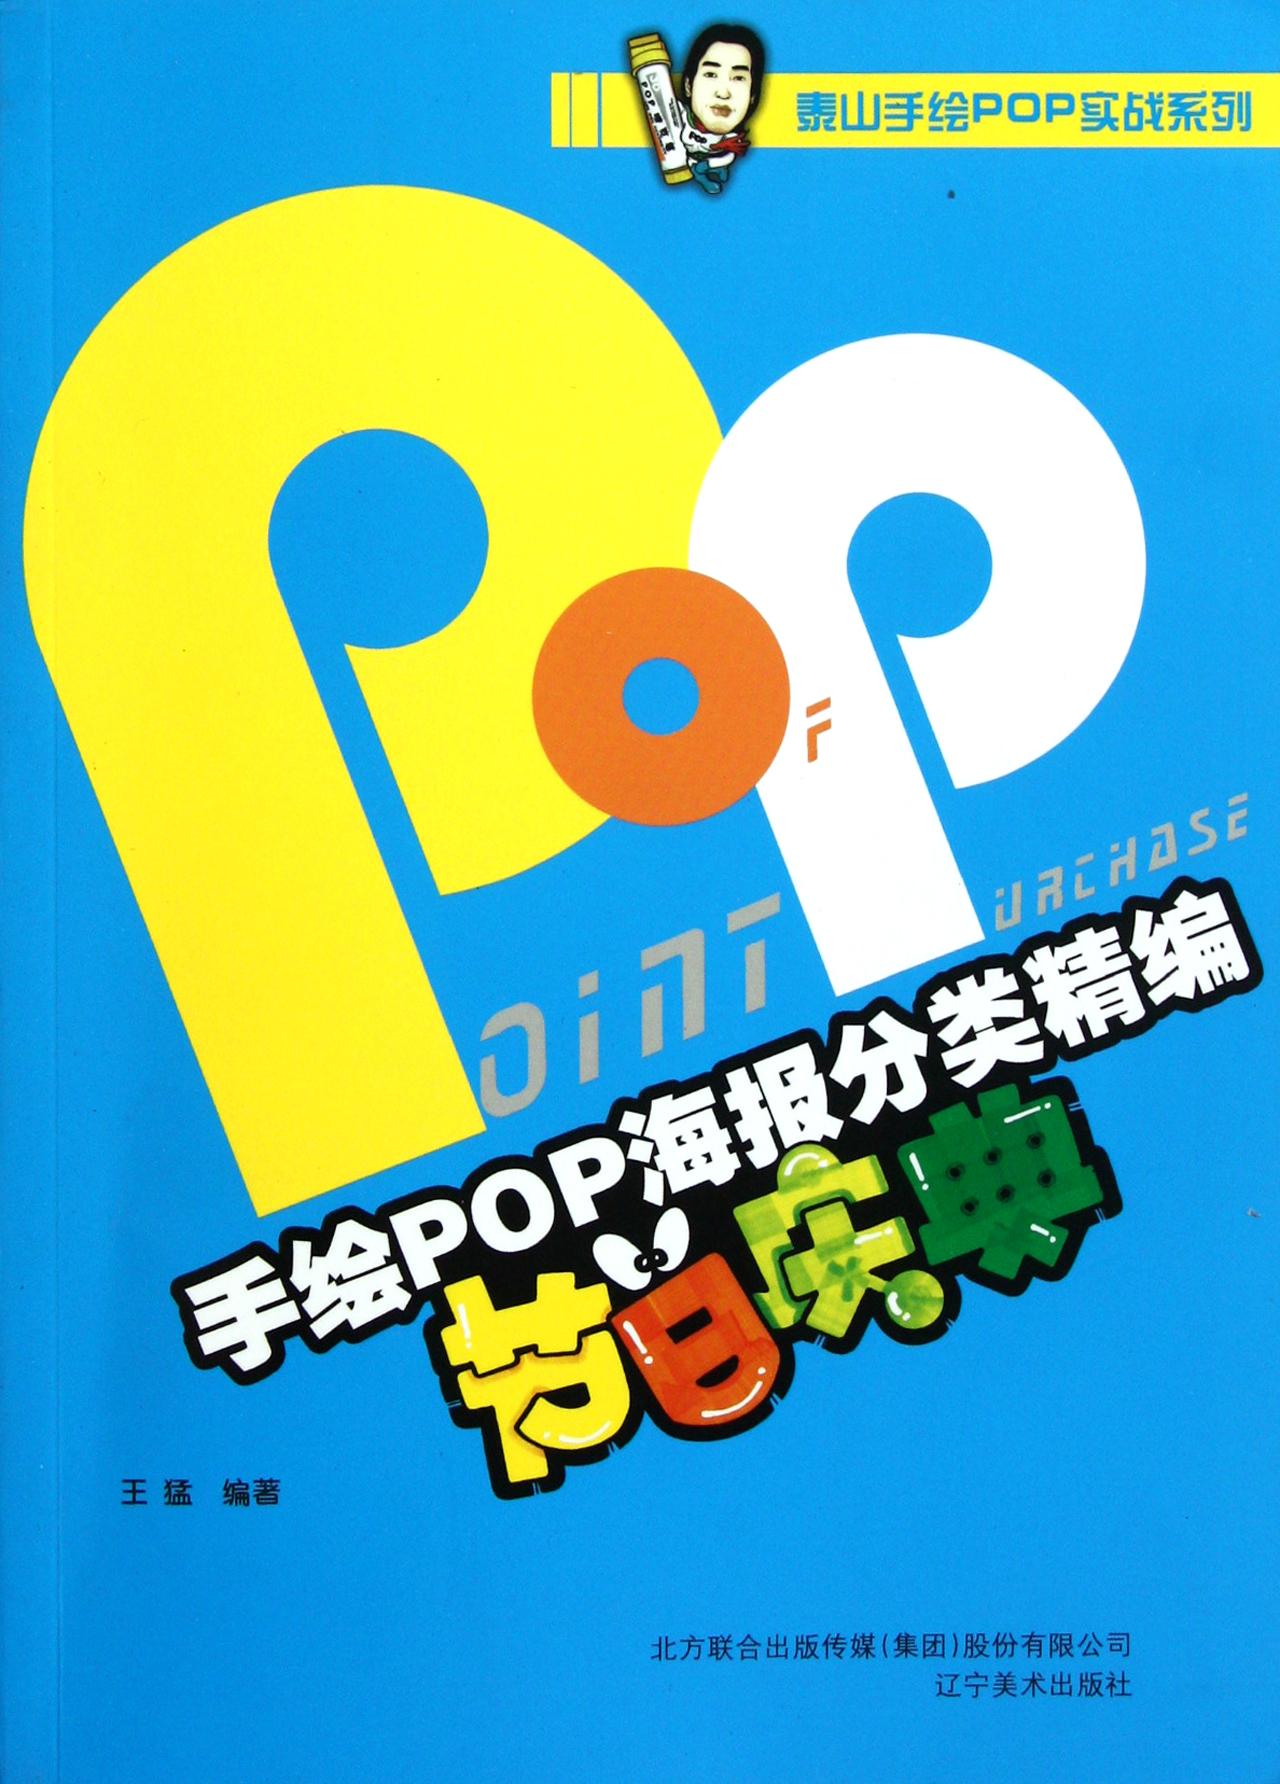 泰山手绘pop实战系列 ; 《手绘pop海报分类精编 节日庆典》王猛